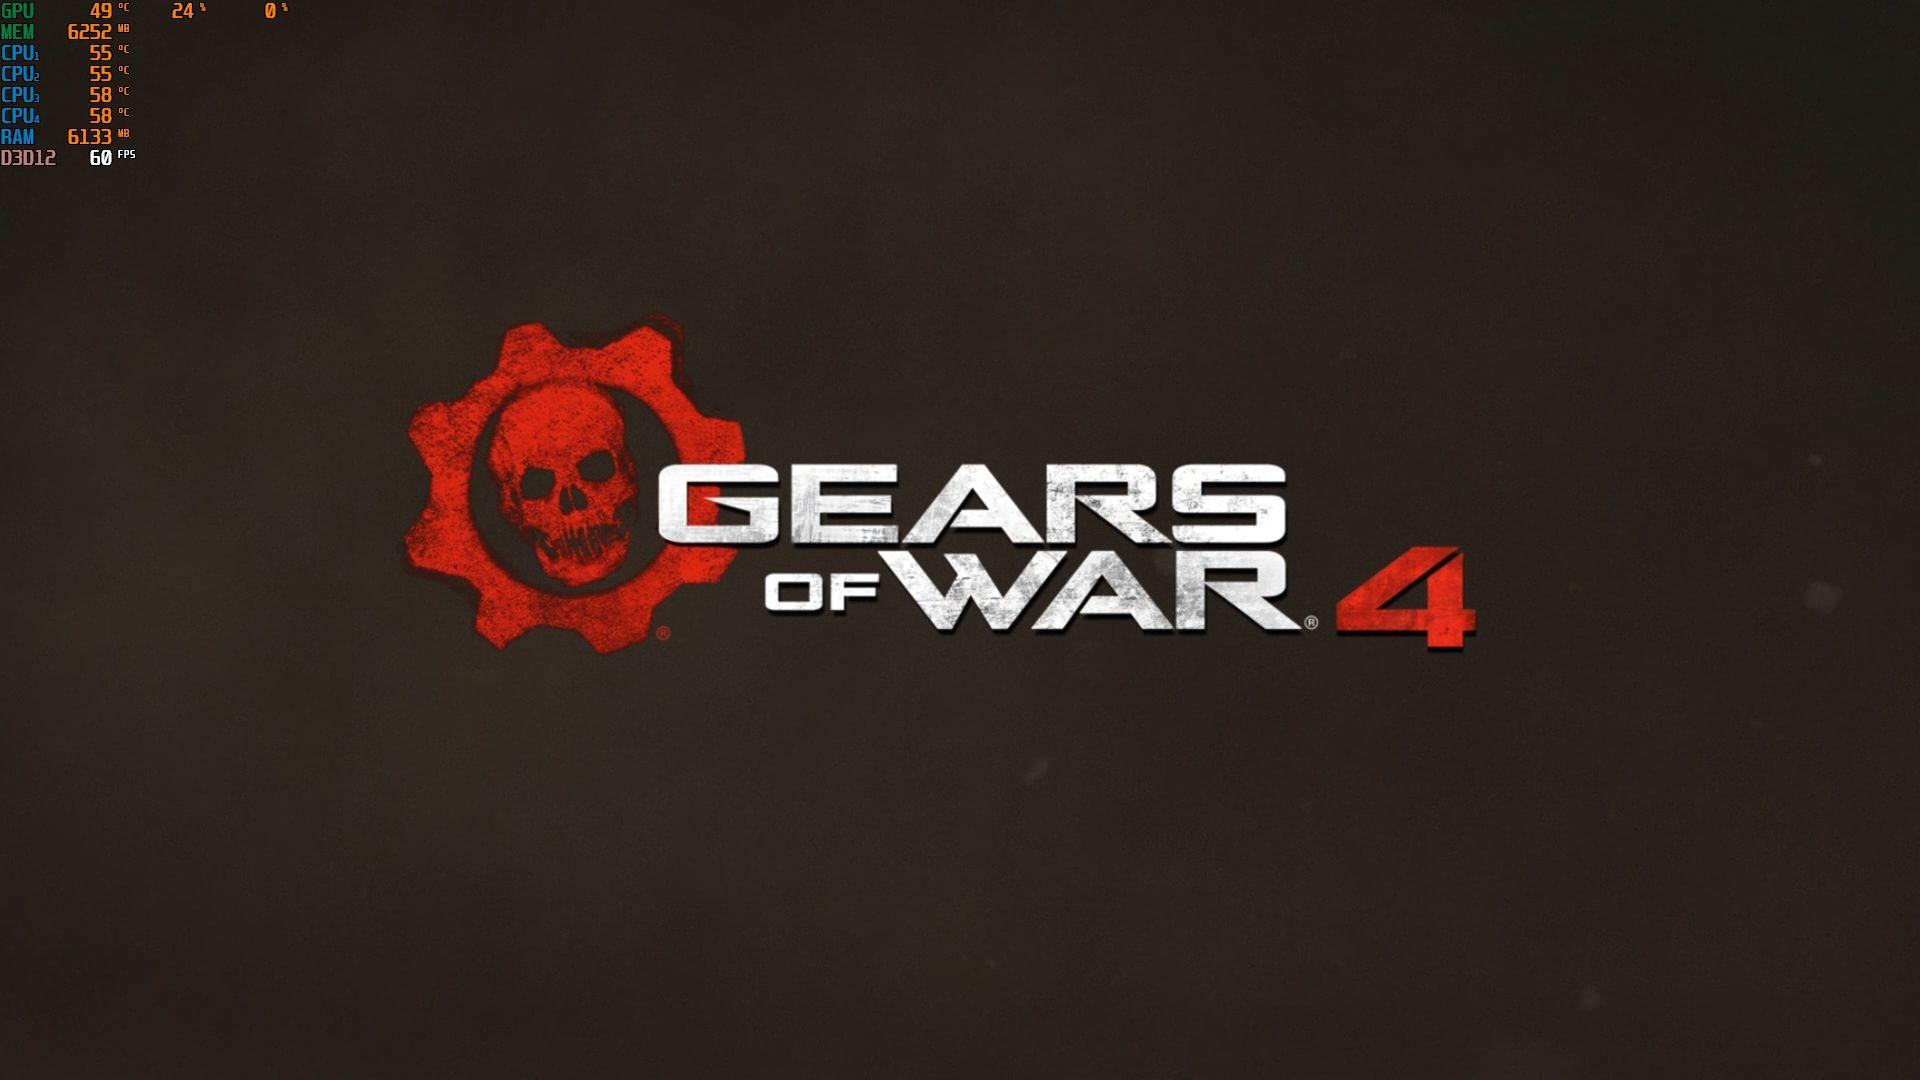 00012.Jpg - Gears of War 4